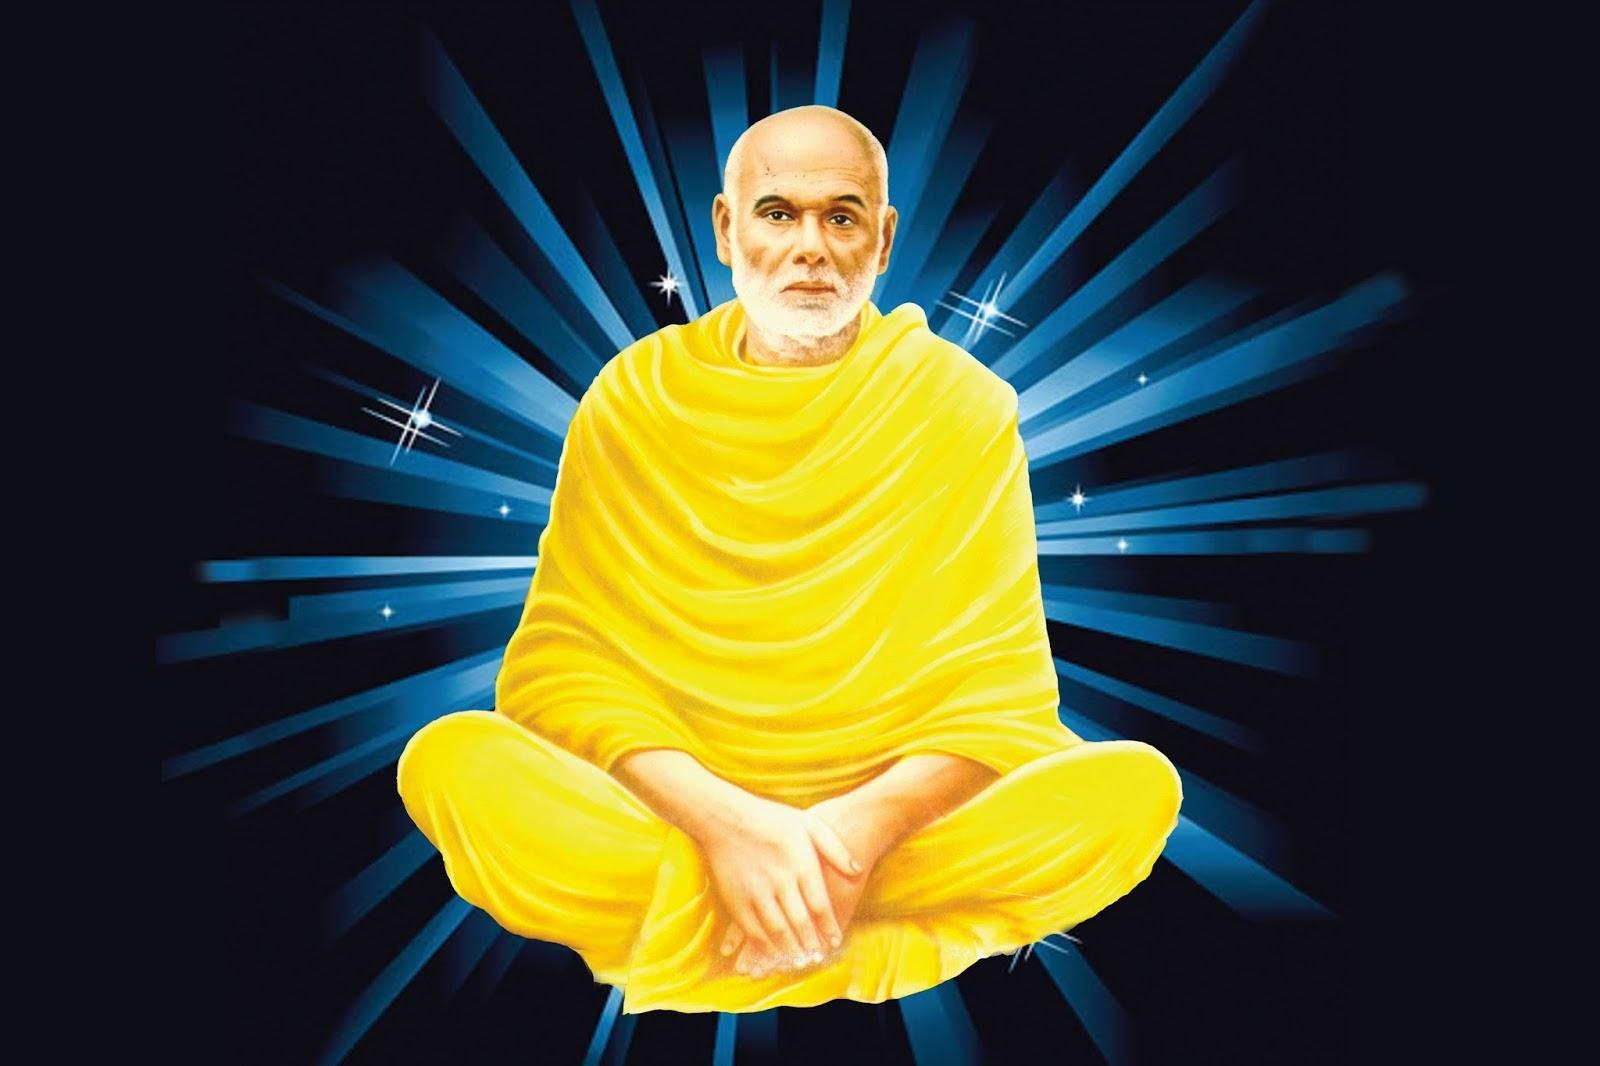 Shri Narayana Guru